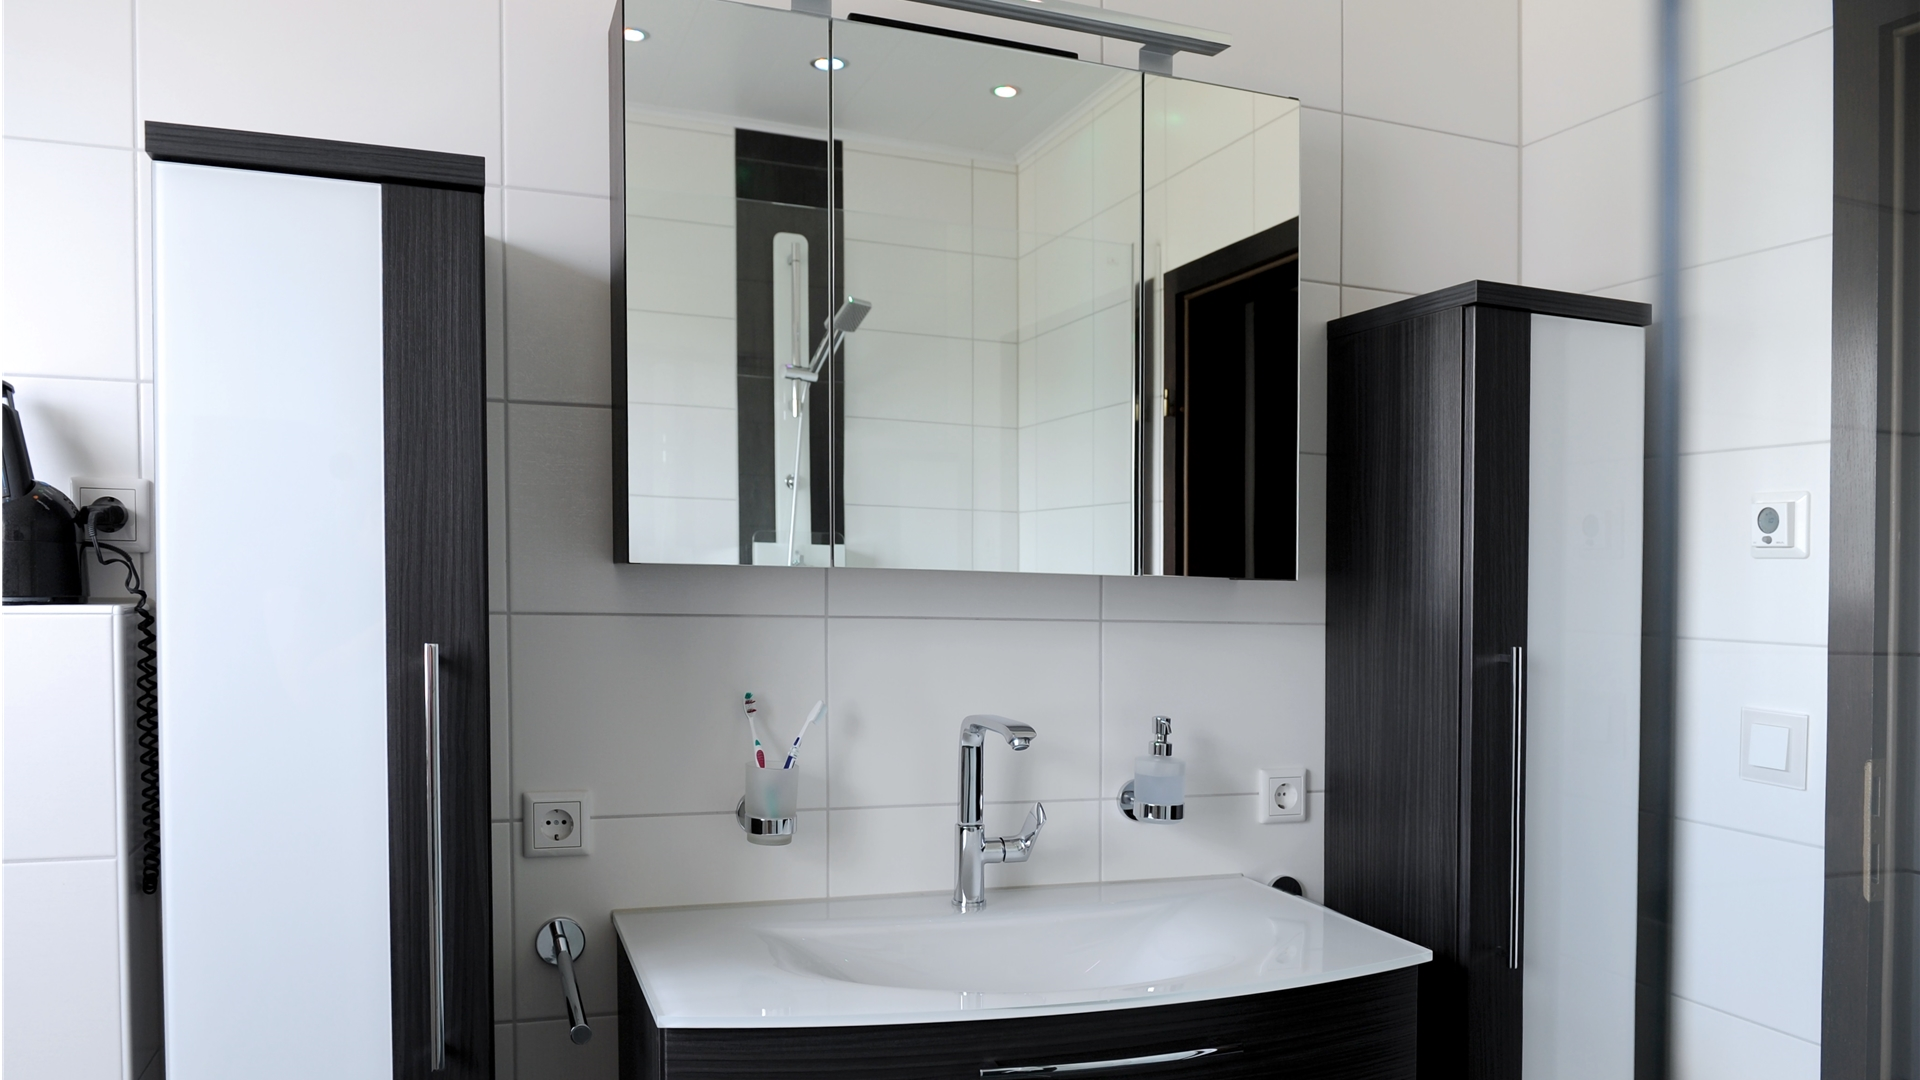 Waschtischanlage in schwarzbraun mit zwei Hochschränken